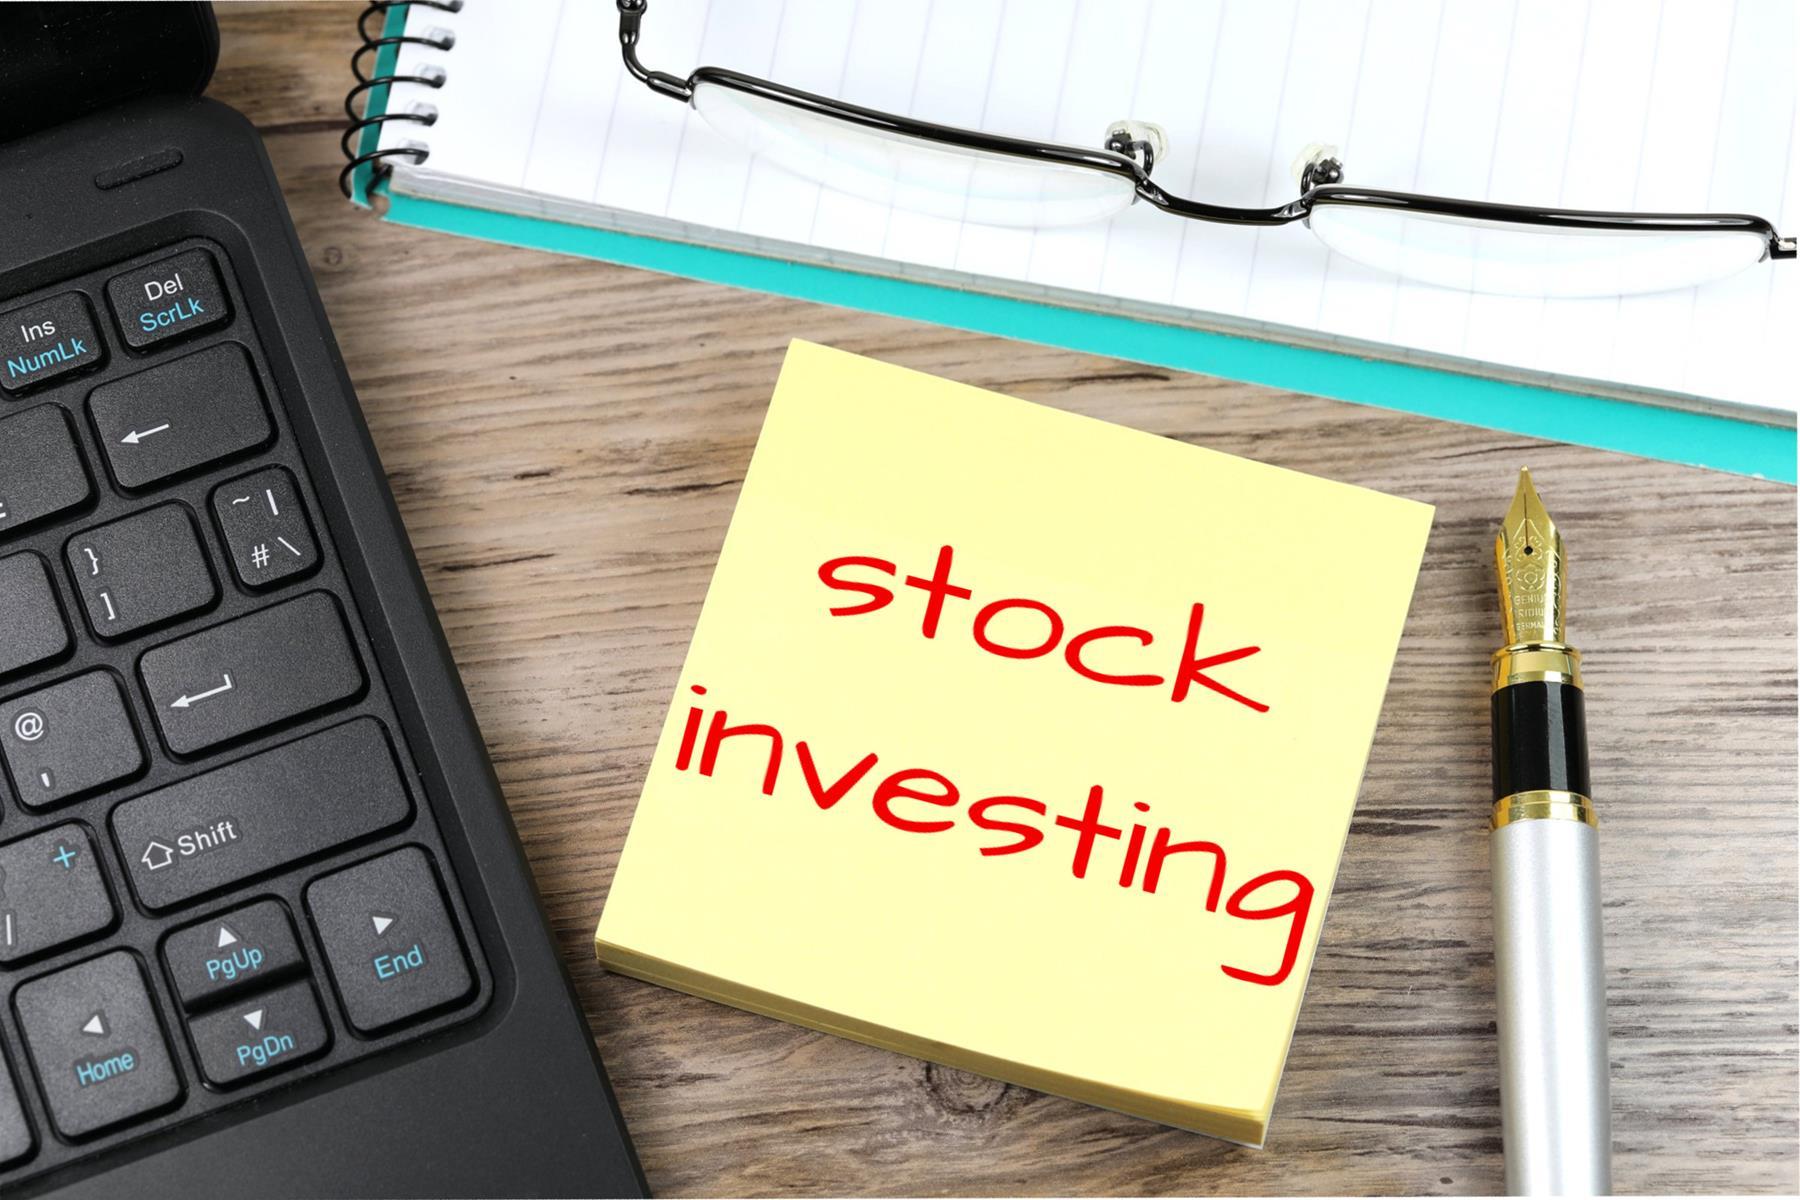 Er zijn behoorlijk veel spelers op de markt die zich druk maken om de koers van veel aandelen, maar waarom is dat eigenlijk?